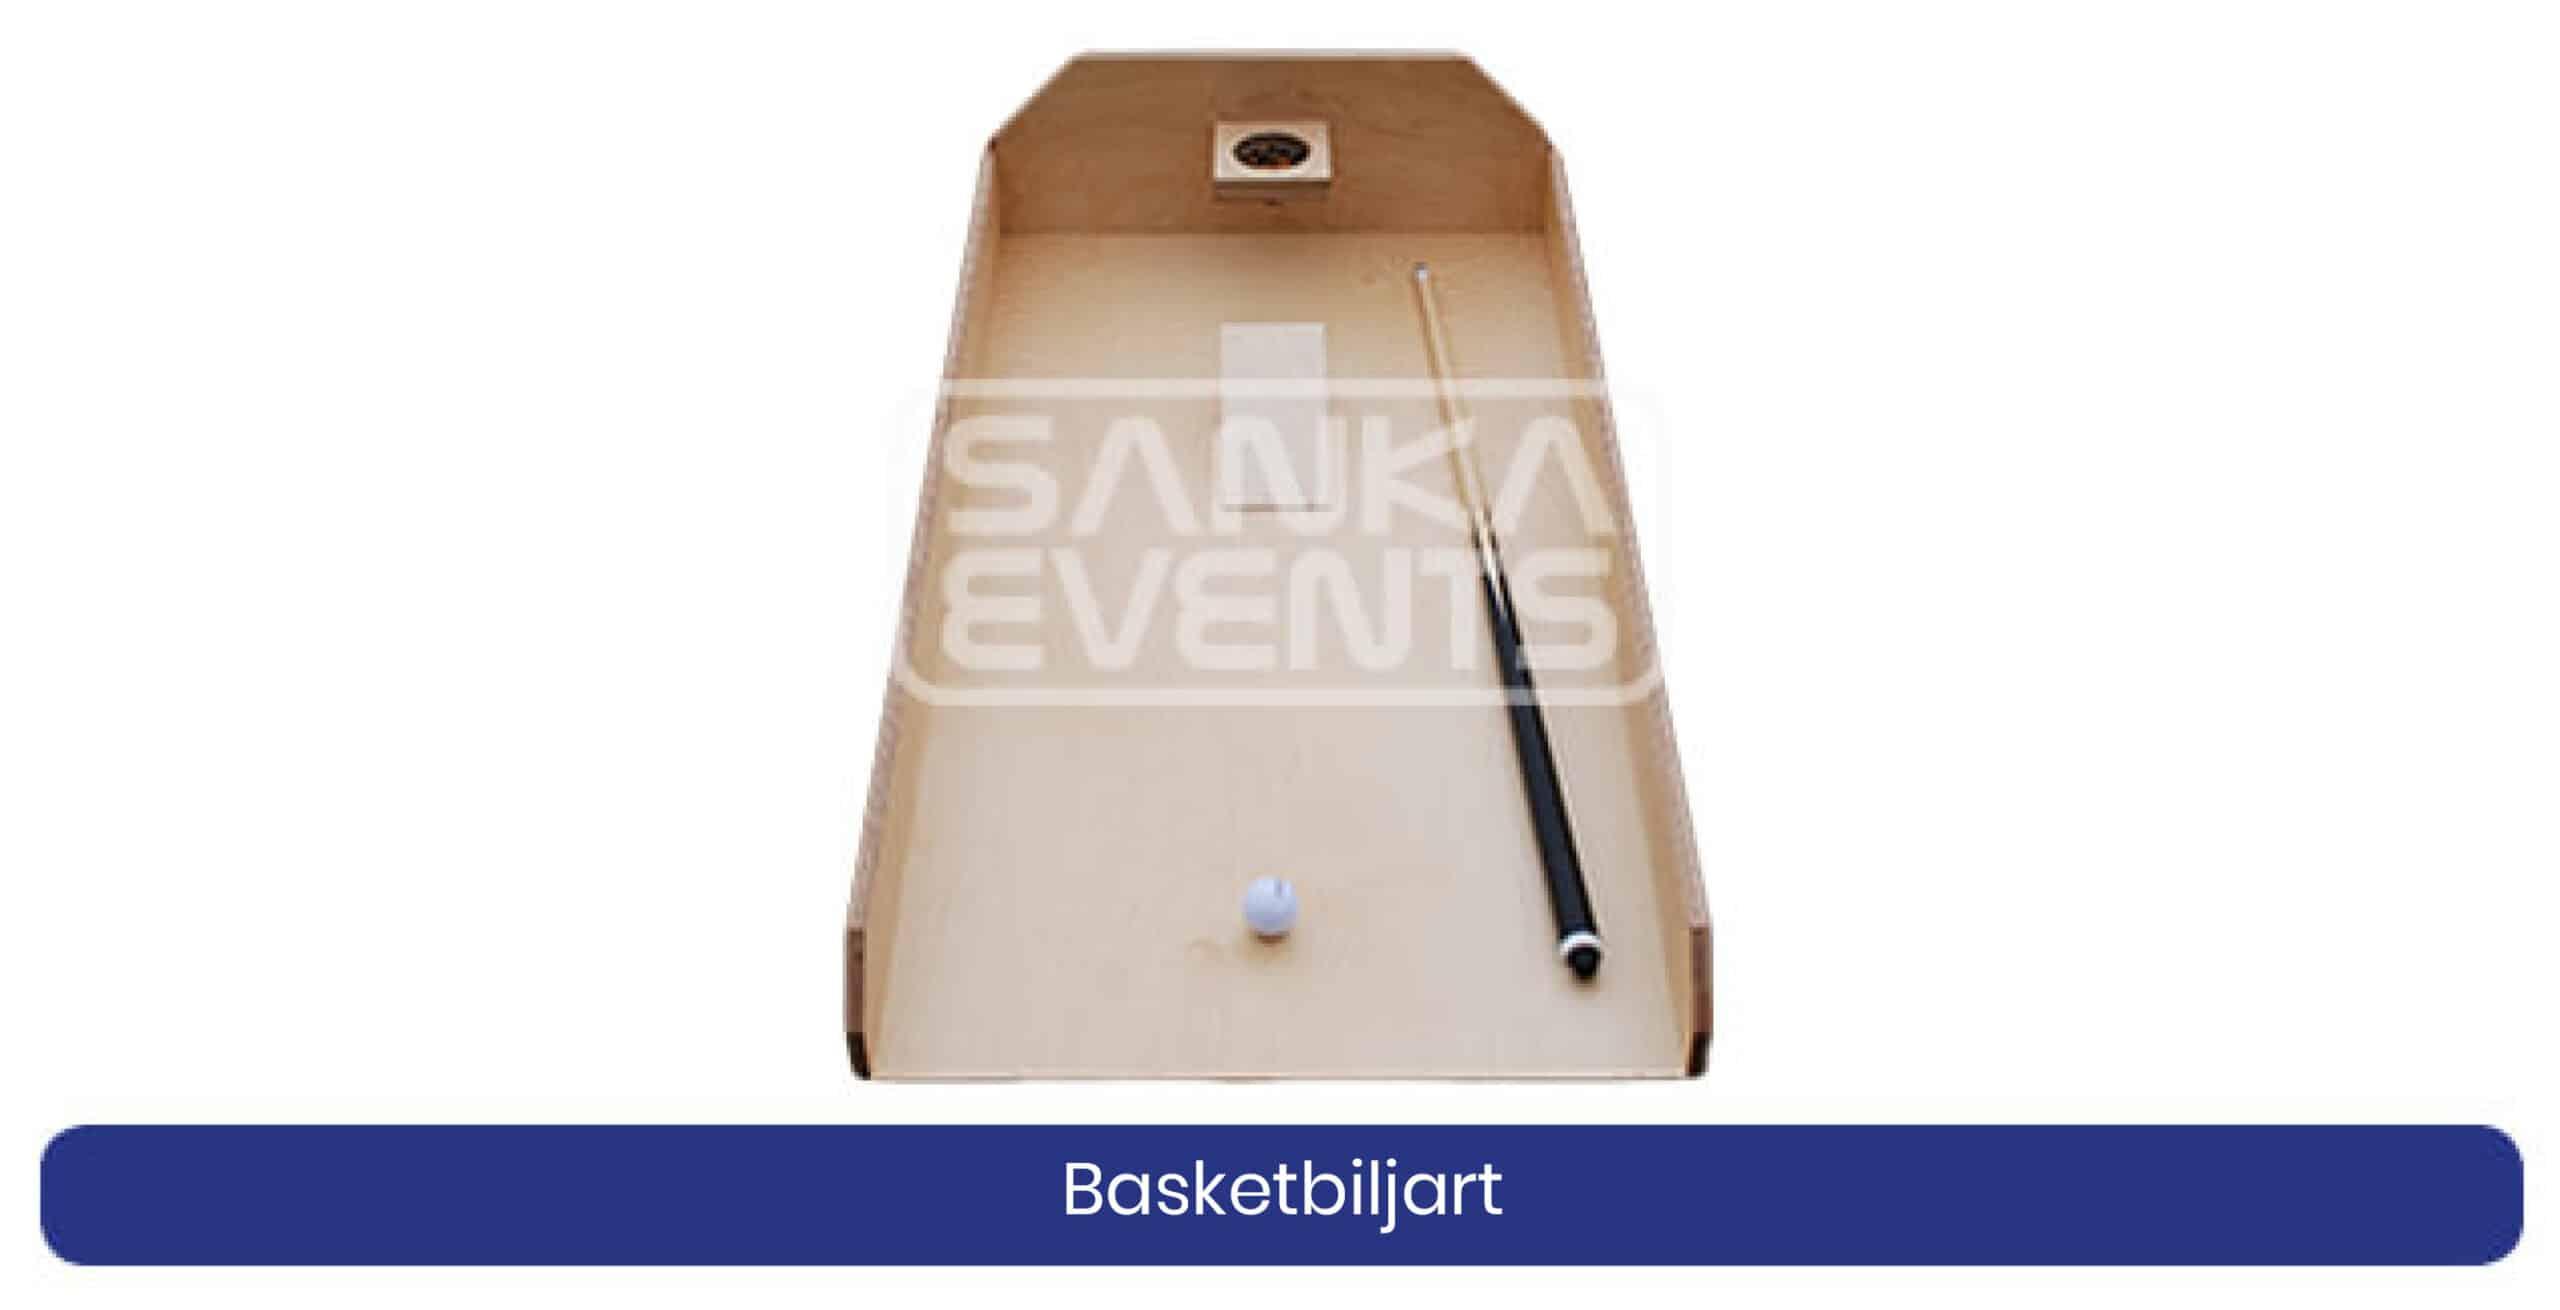 Coronaproof Spellenpakket Basketbiljart